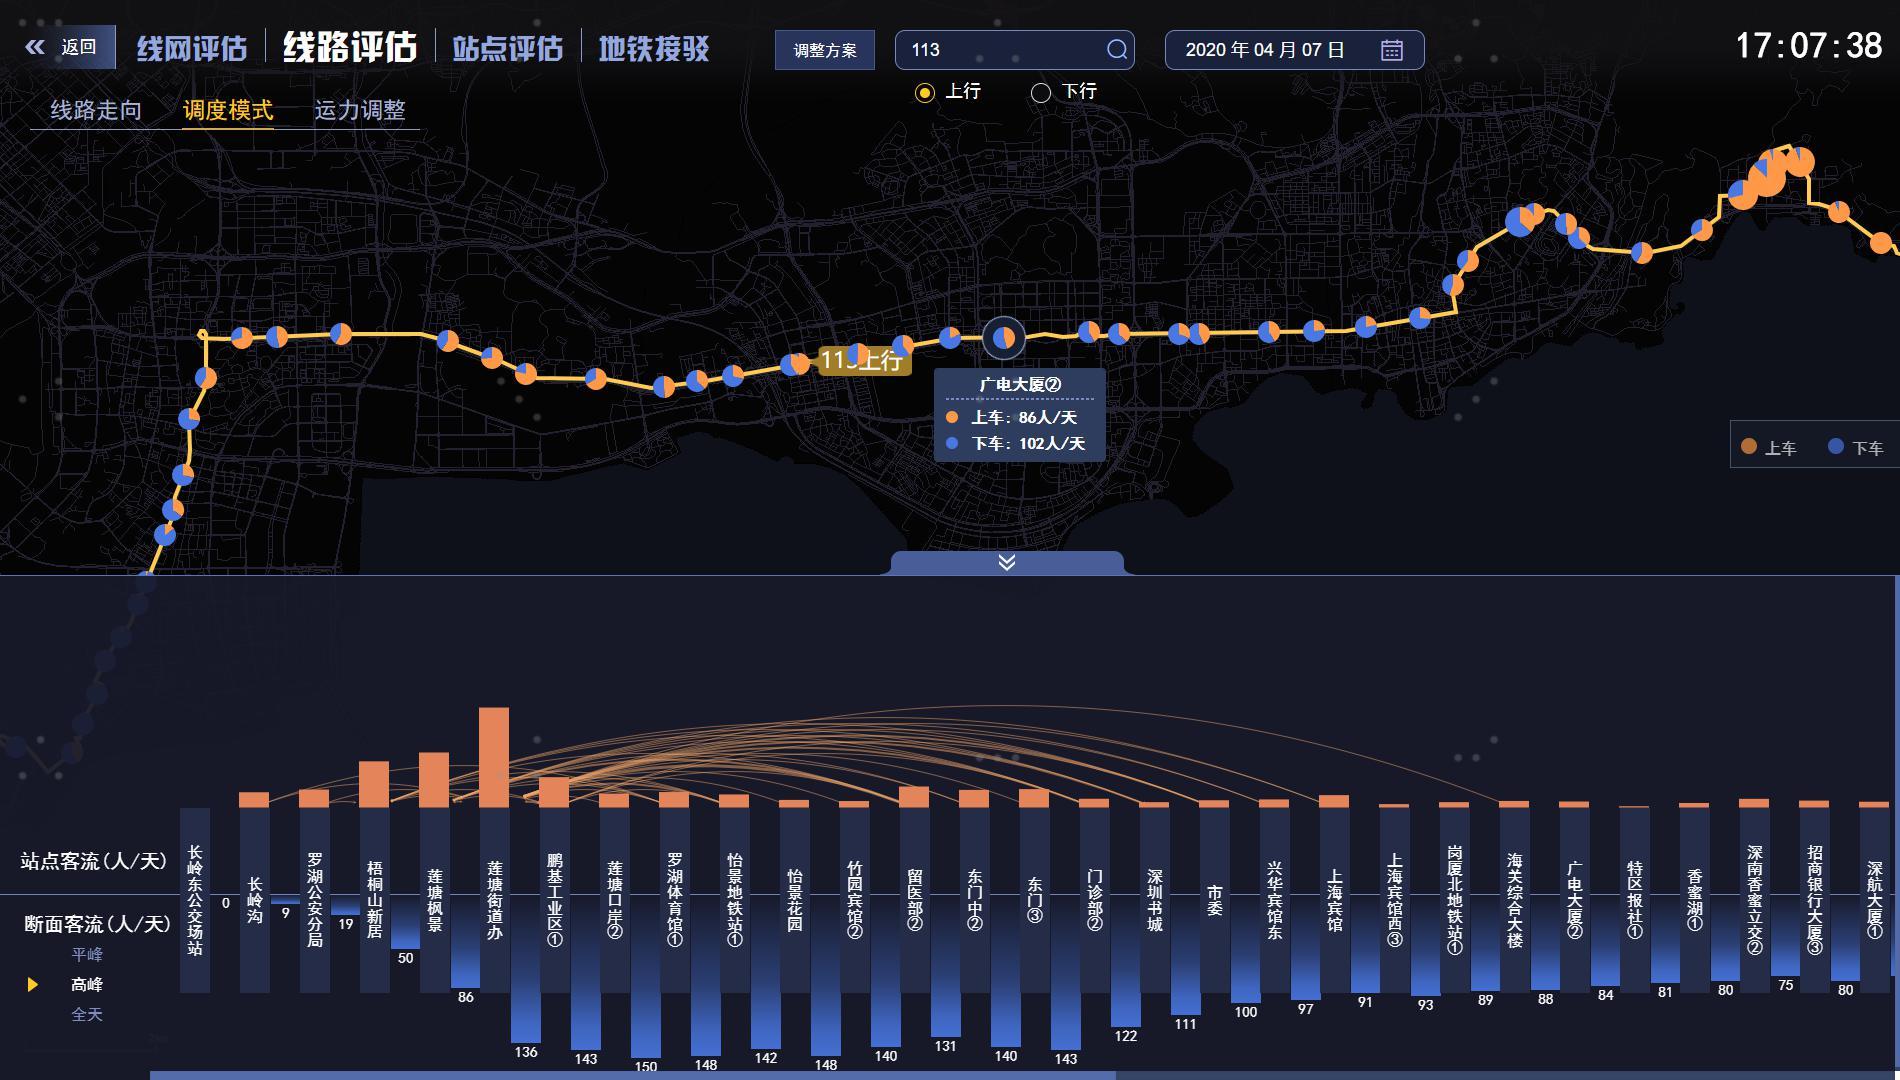 直击公交管理核心痛点,海信发布业内首个公交线网优化与仿真全流程解决方案